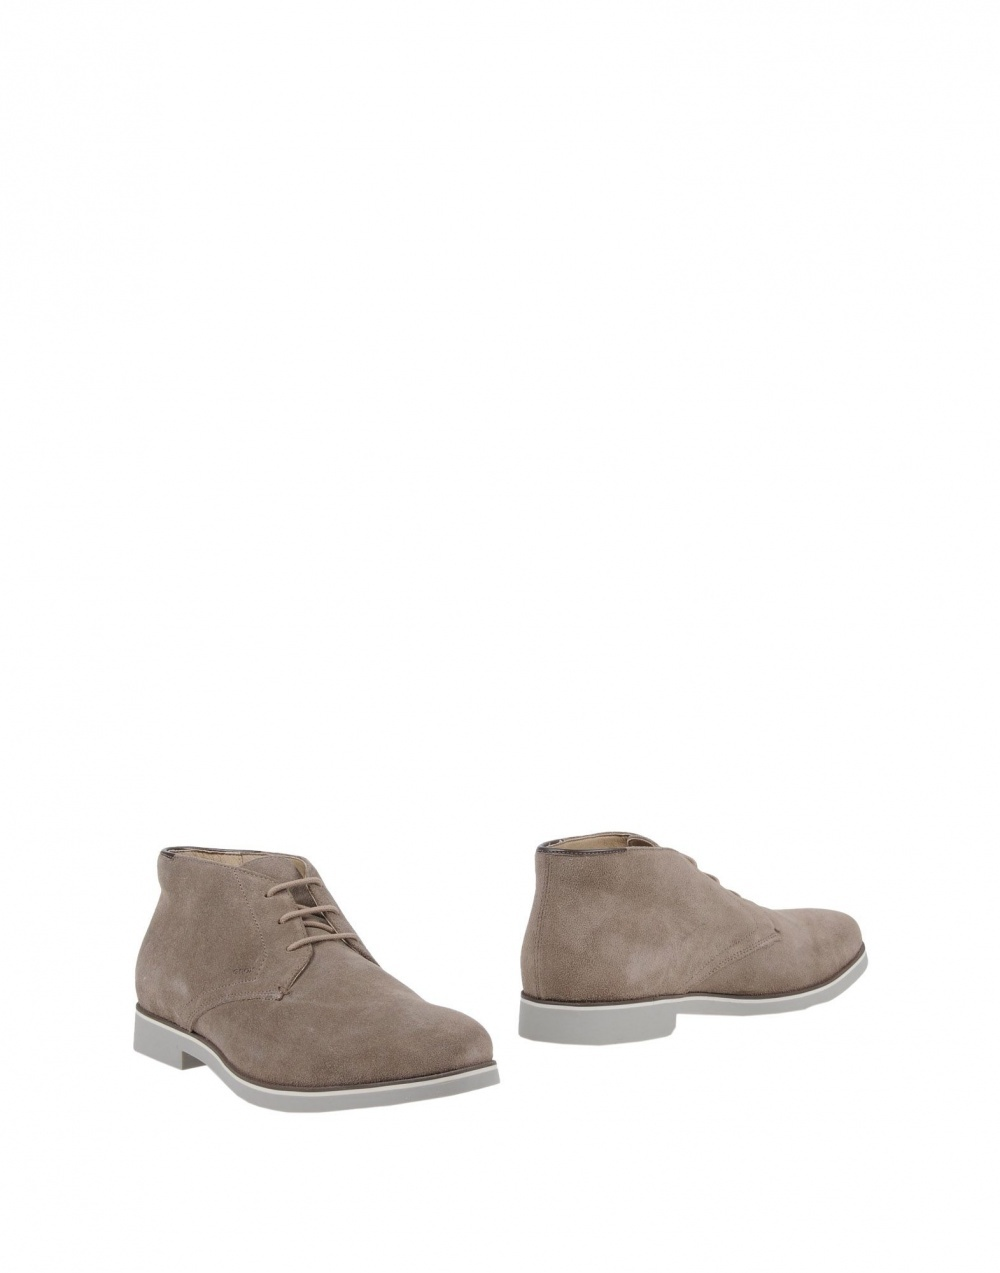 Мужские ботинки GEOX, размер 44. 29 см по стельке